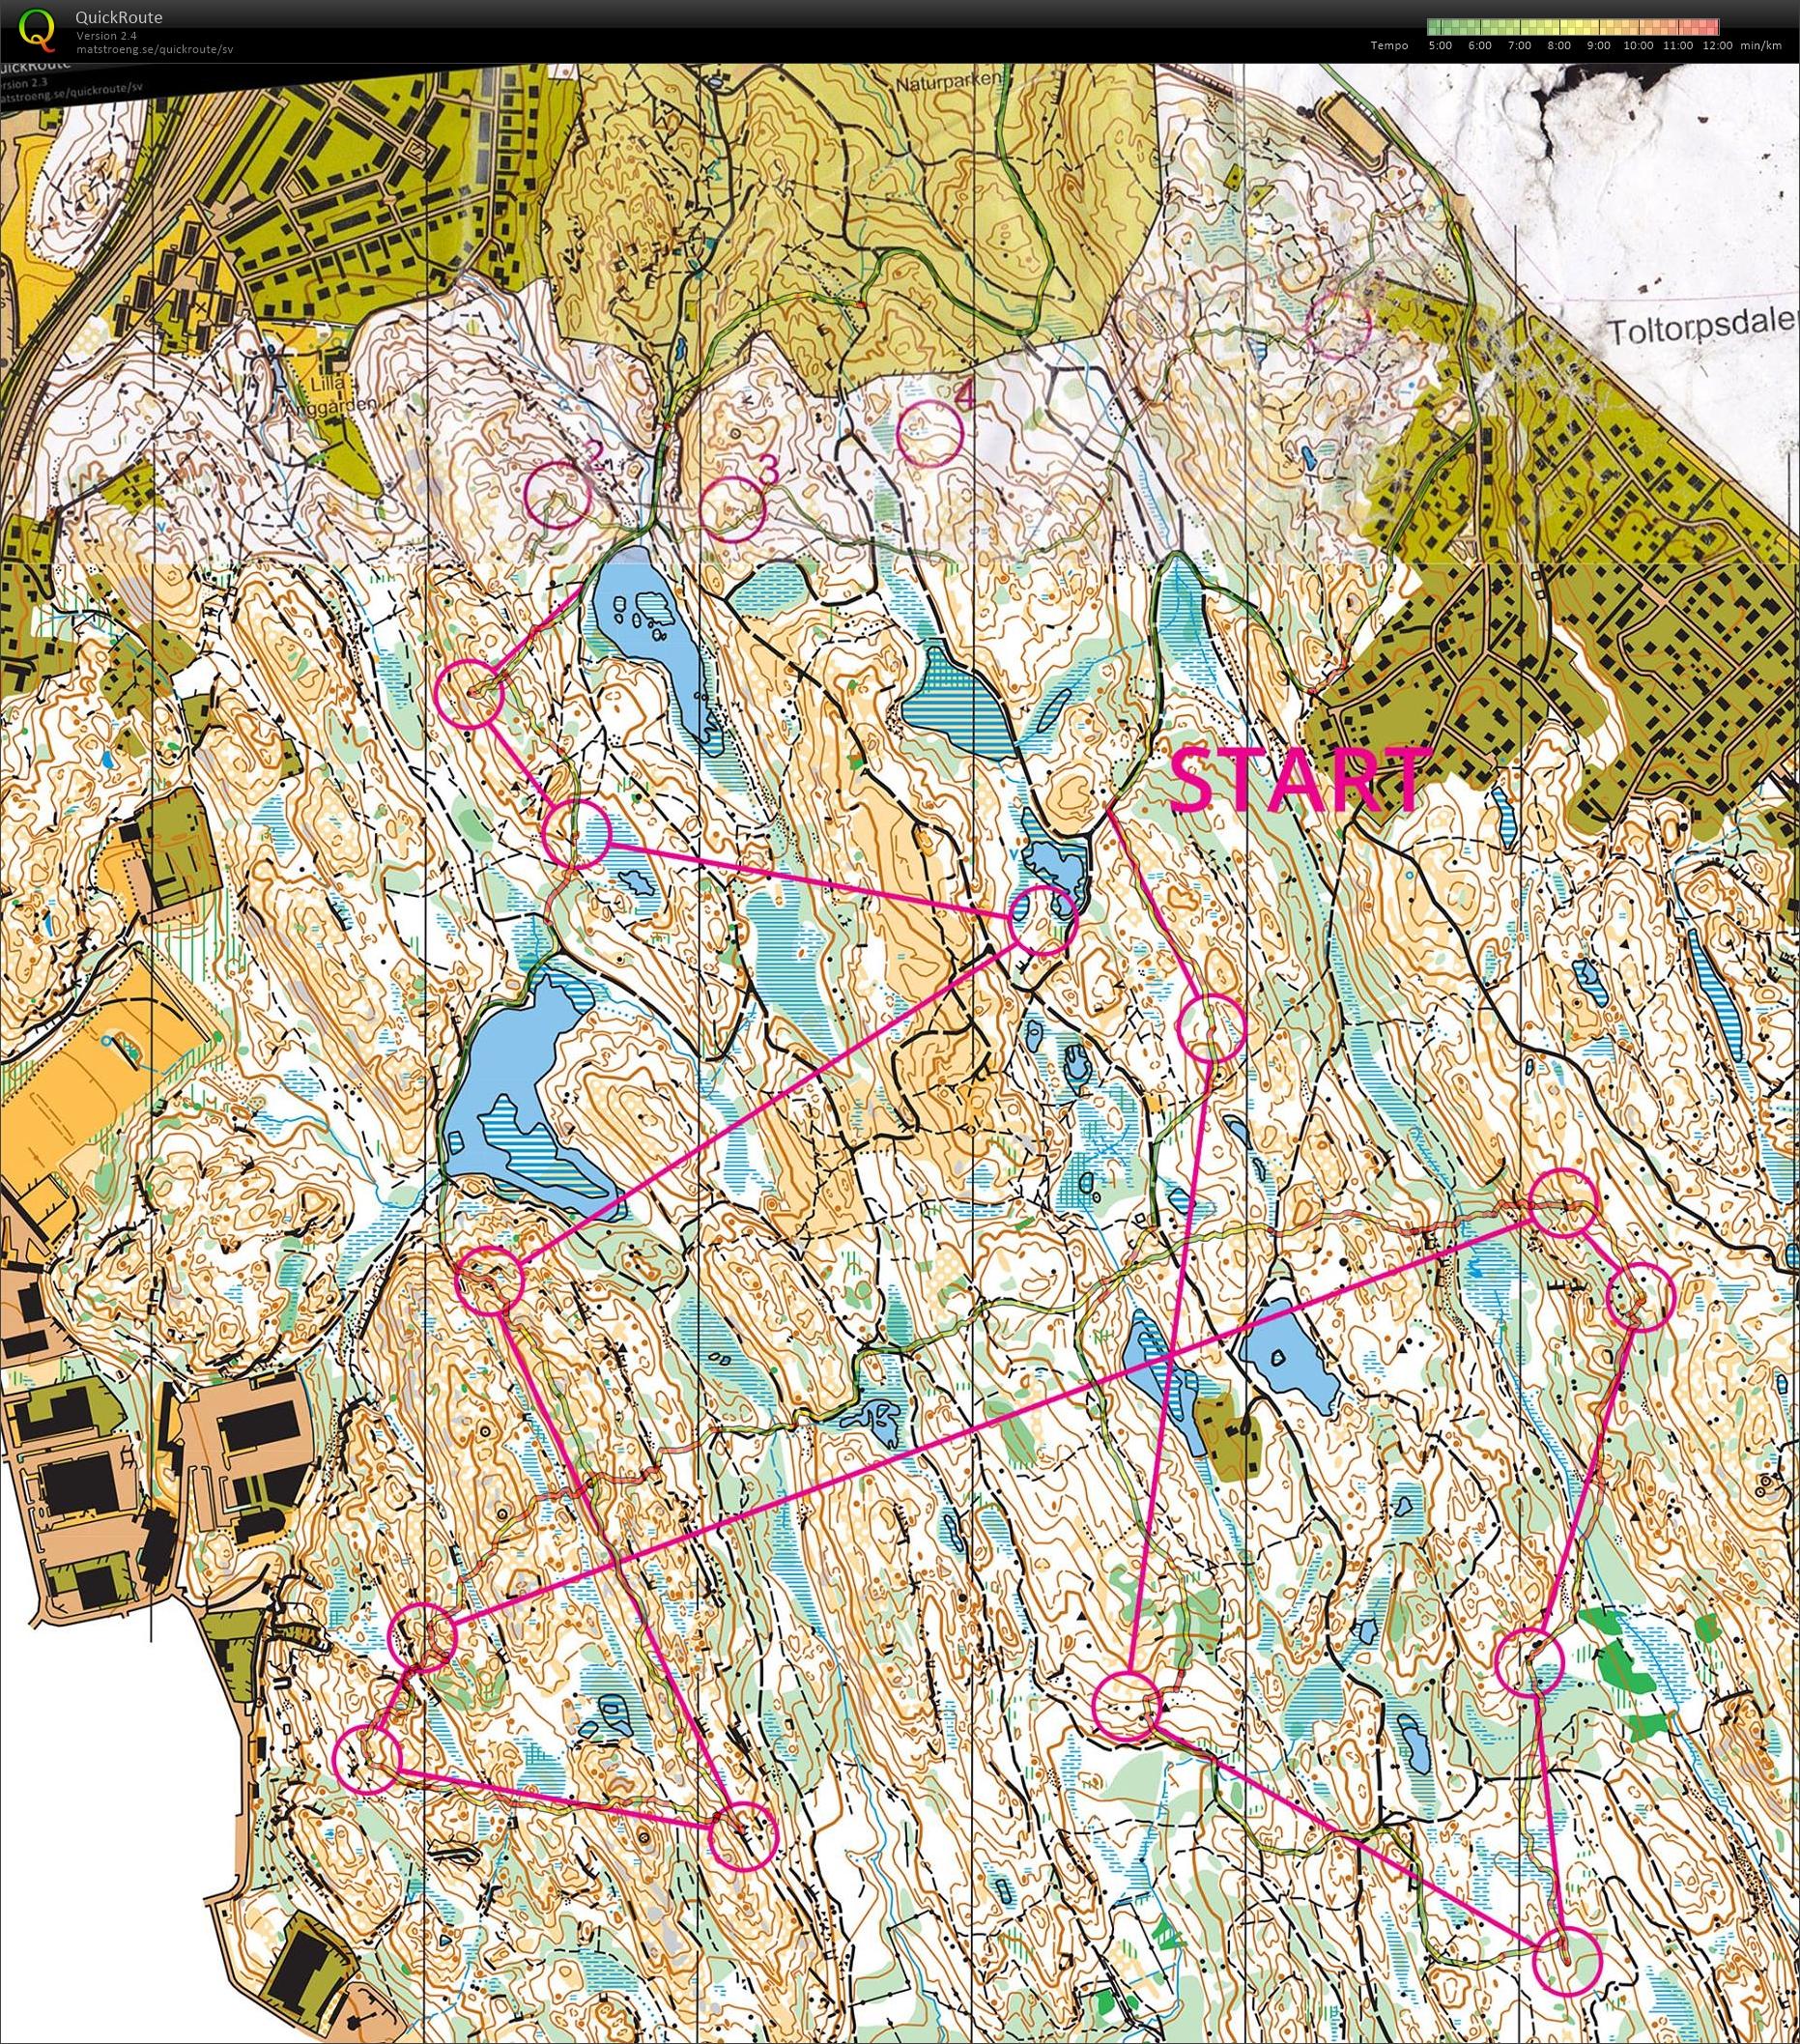 änggårdsbergen karta Kartarkiv för Filip Grahn :: Natt Distans Änggårdsbergen (2015 11 24) änggårdsbergen karta